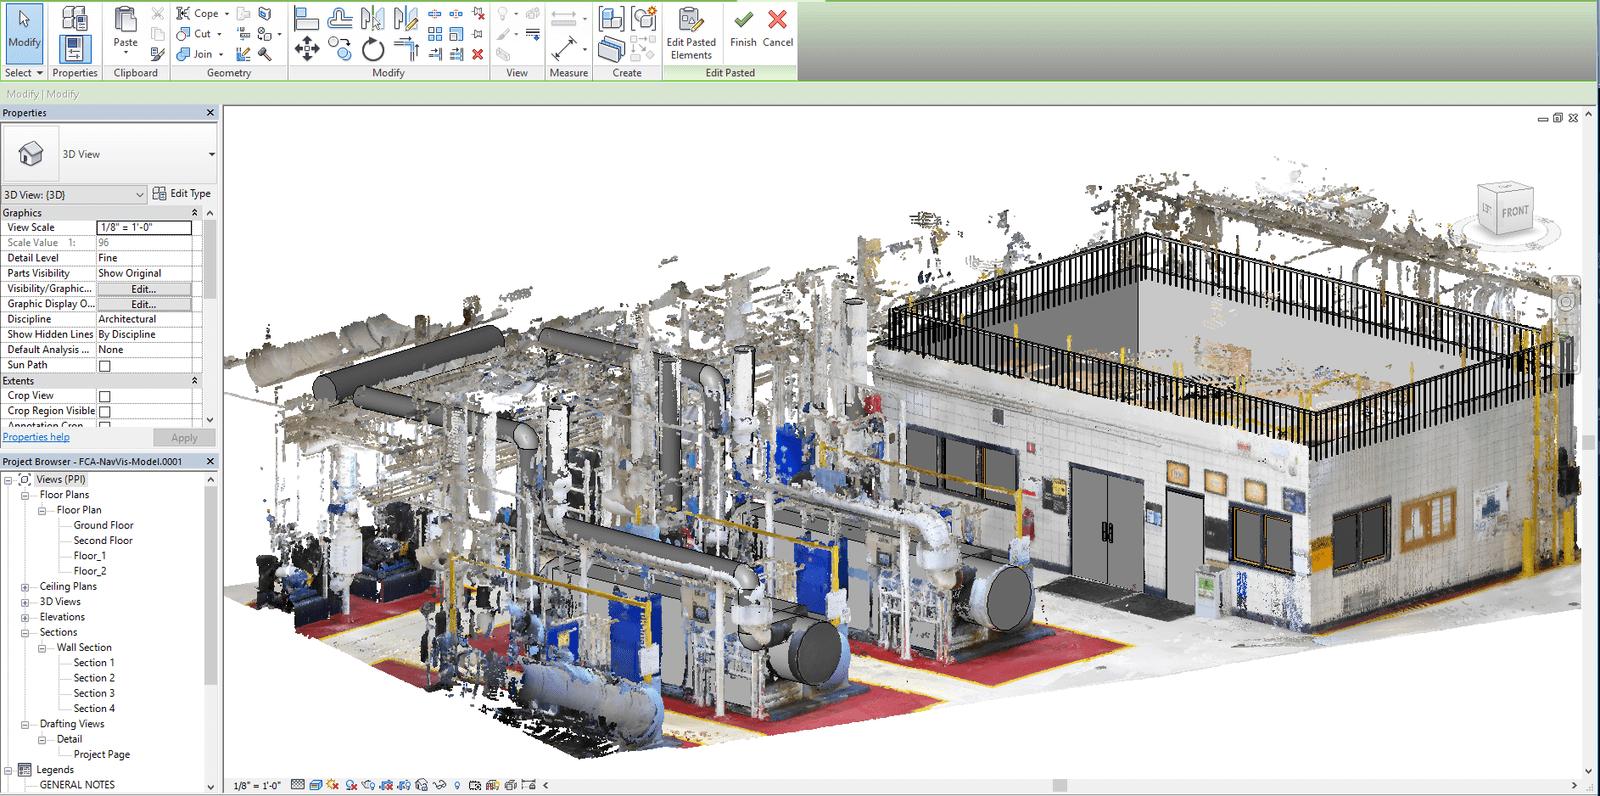 NavVis IndoorViewer add-in for Autodesk Revit